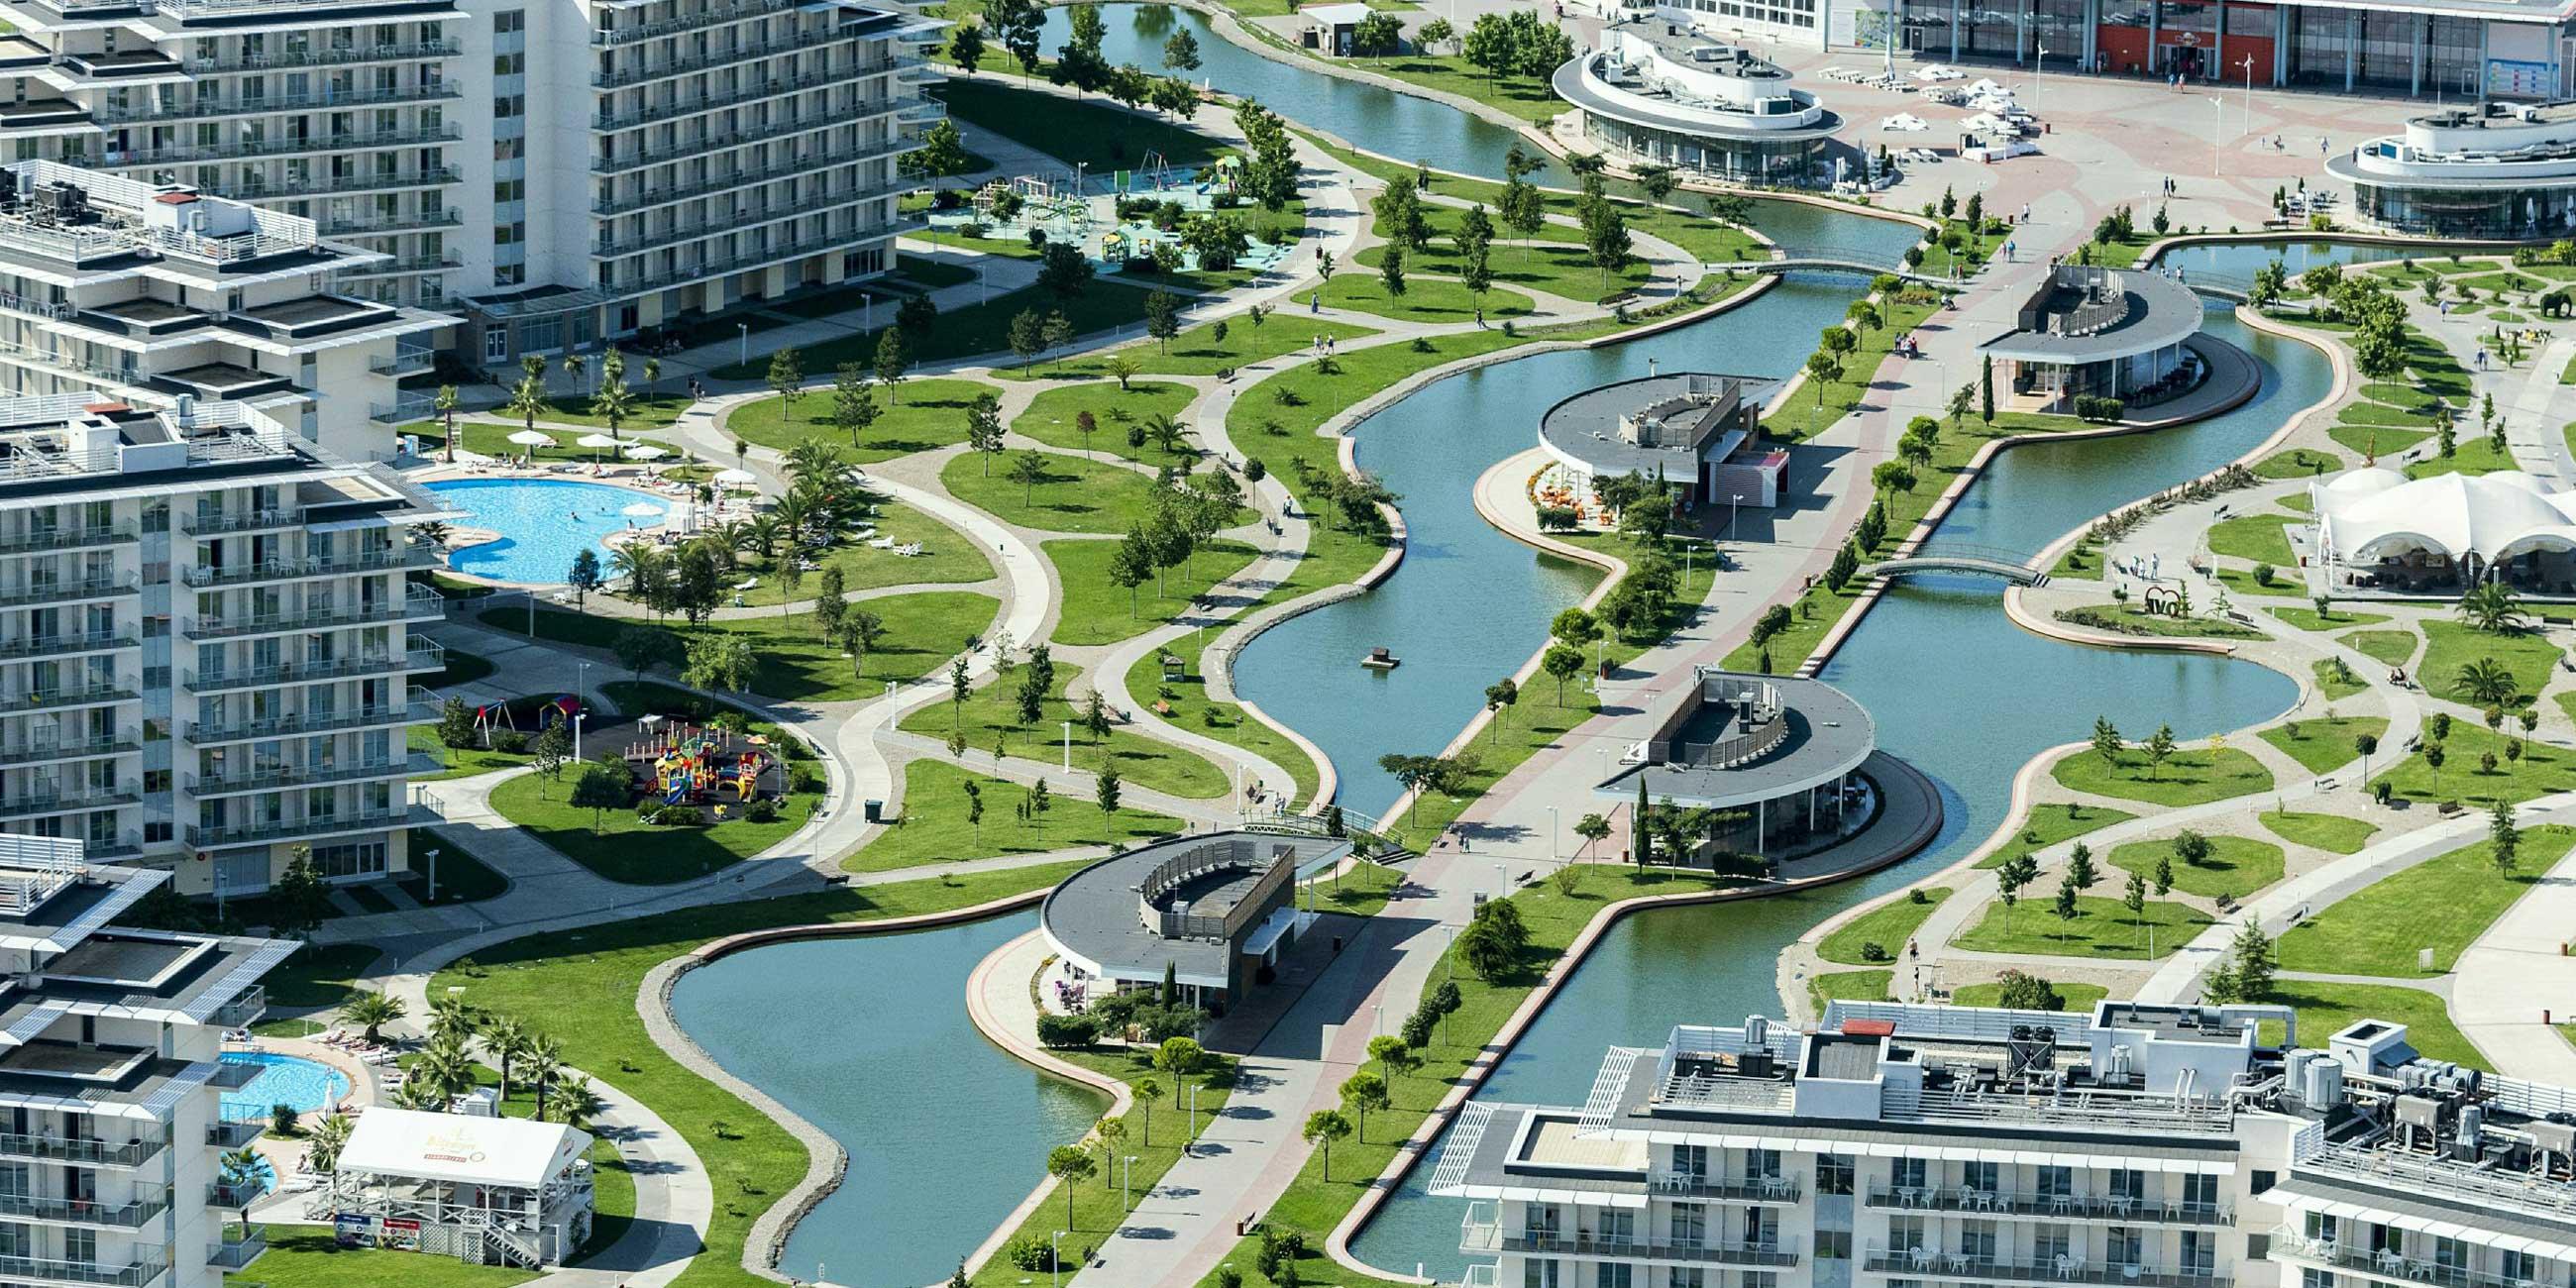 Рядом с Олимпийским парком выросли фешенебельные отели.Фото: globallookpress.com